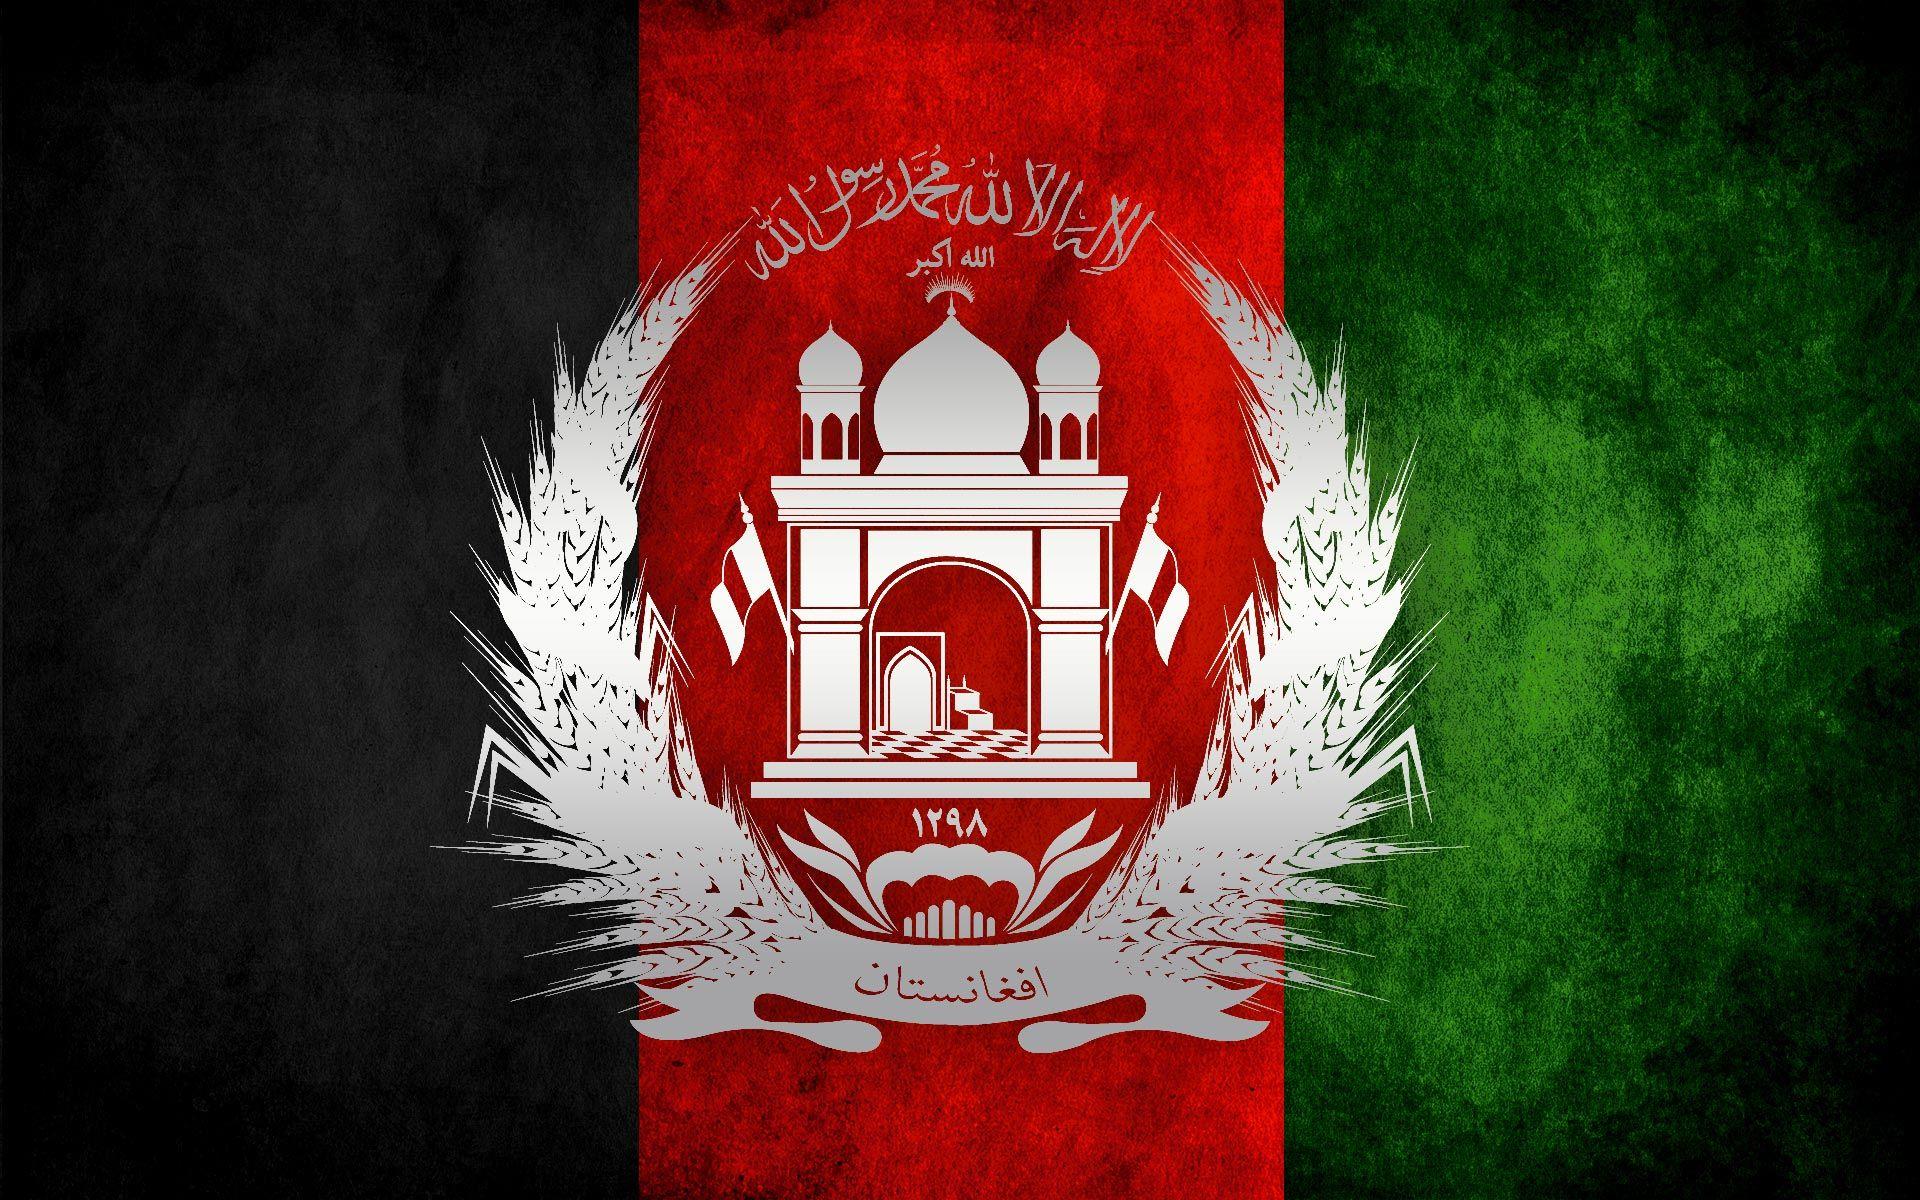 Afghanistan Wallpaper Wallpapersafari In 2019 Afghanistan Flagge